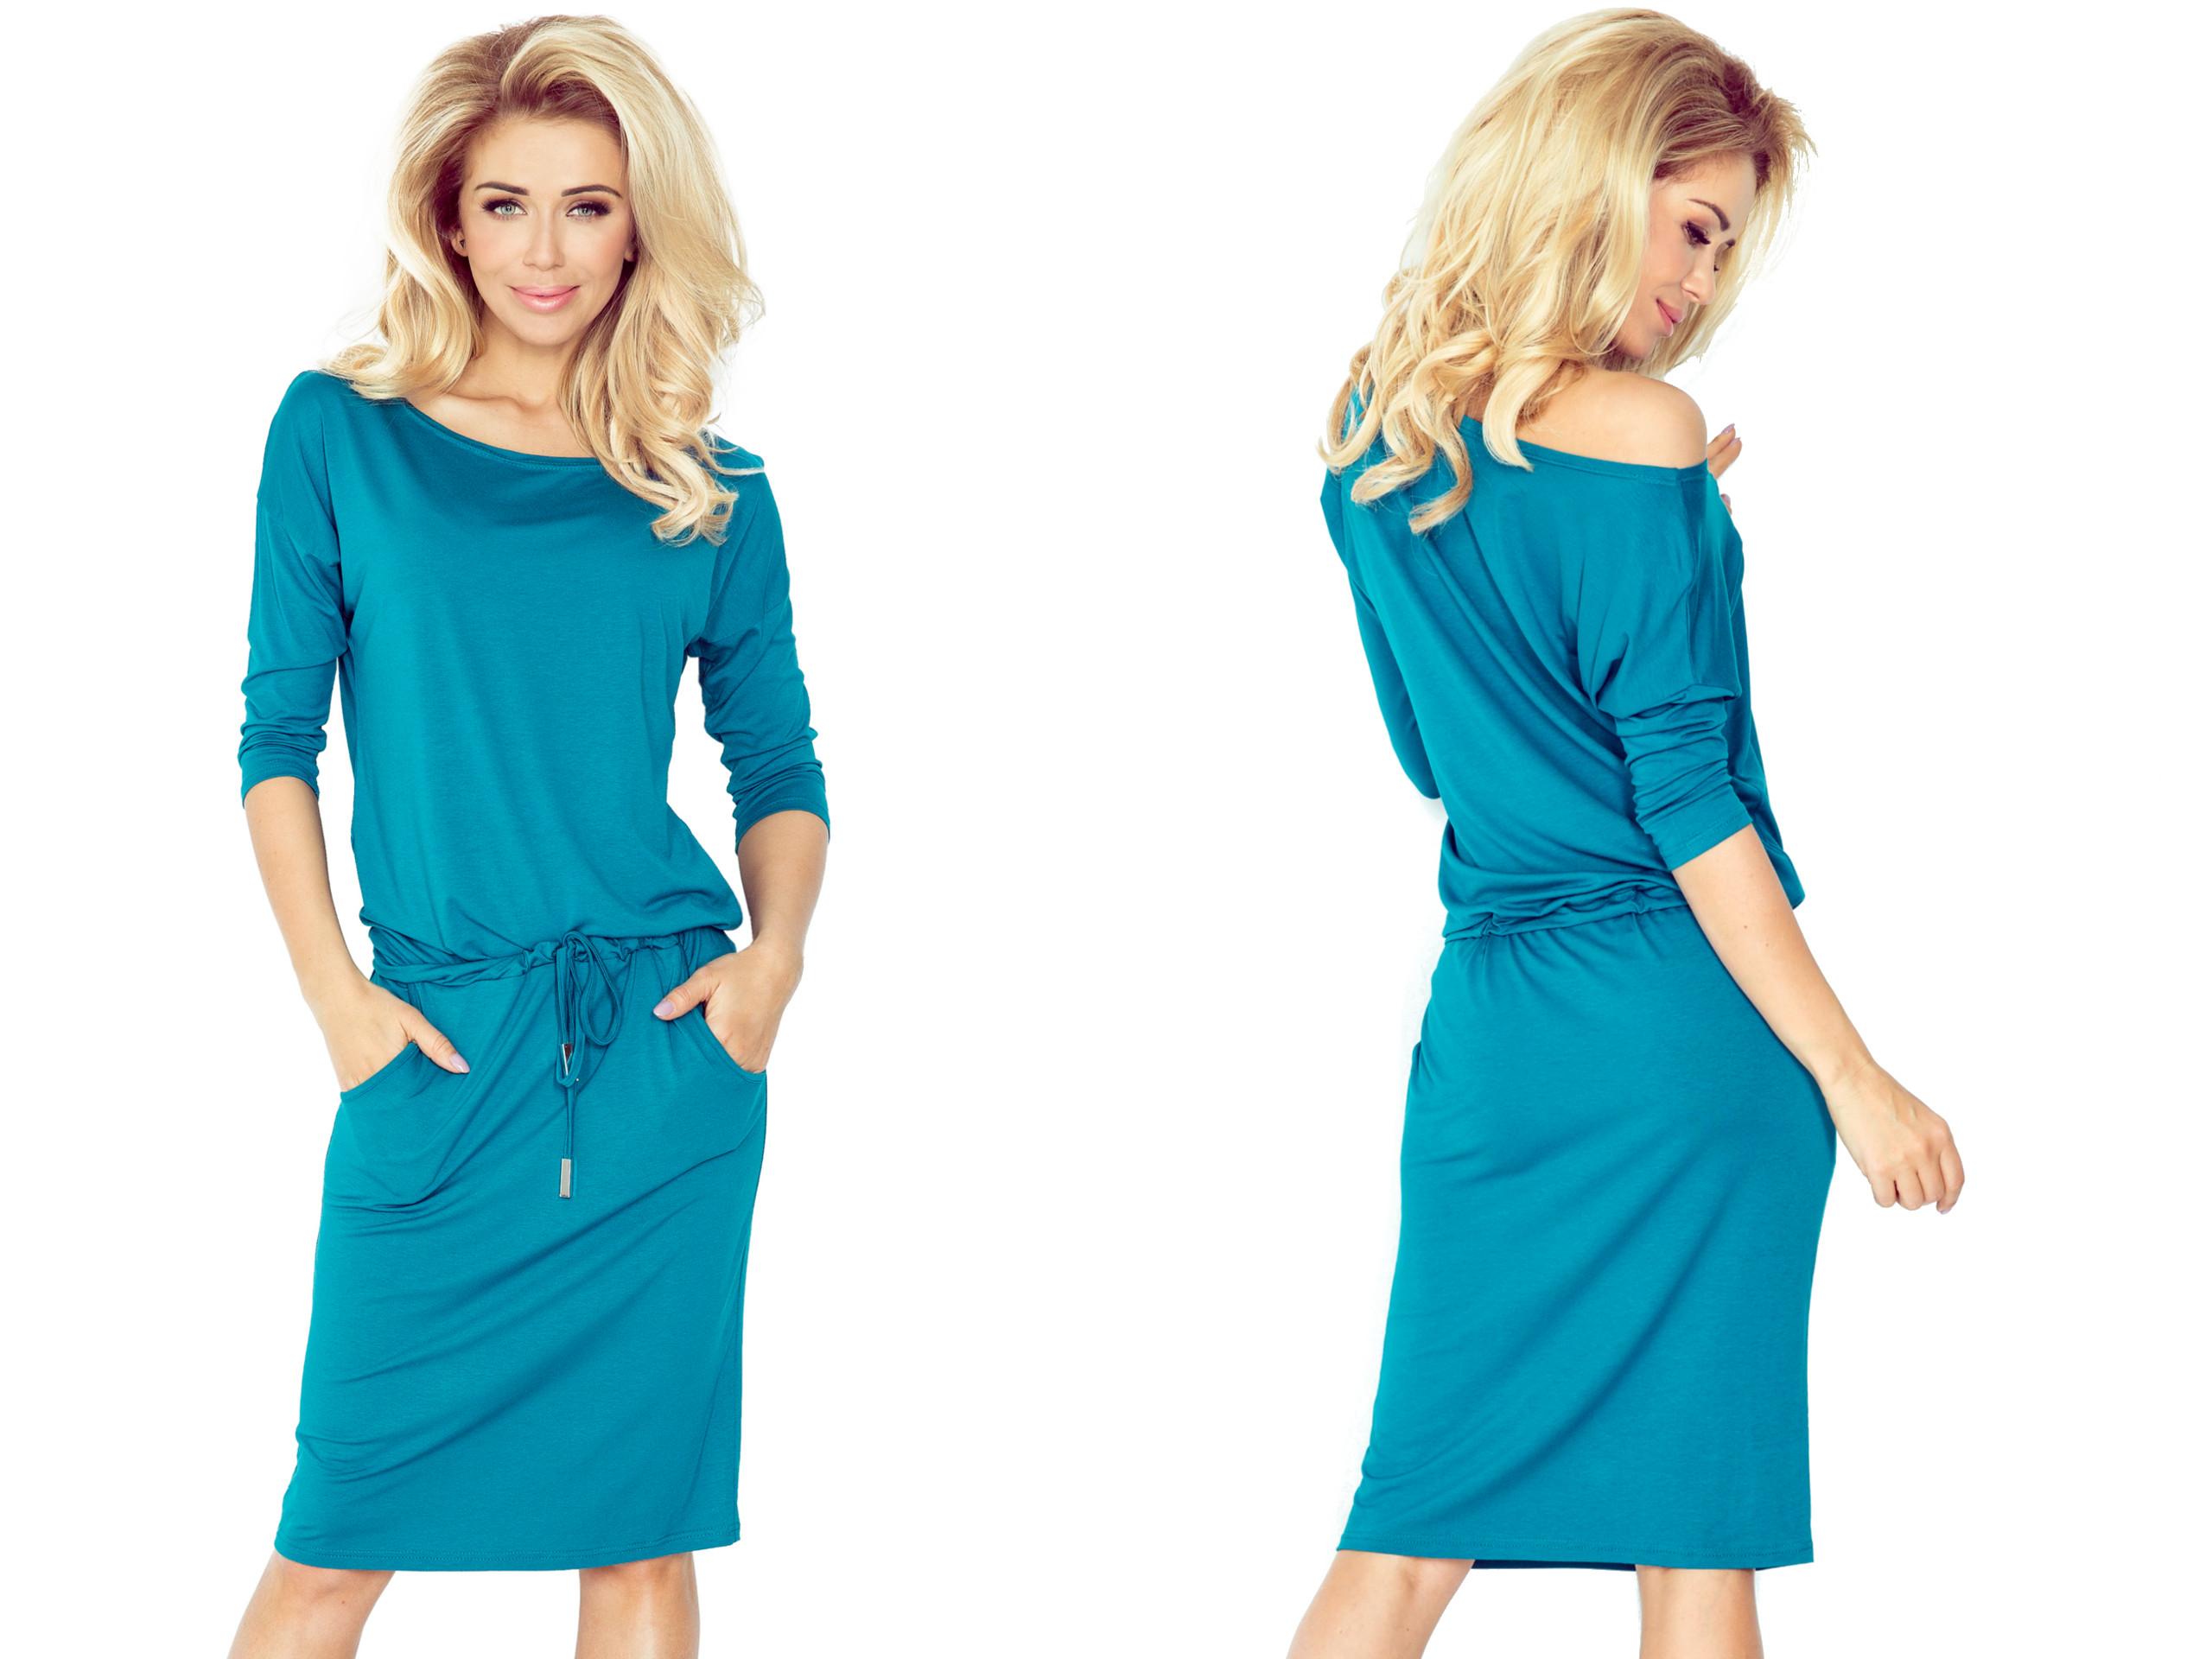 027a35fa65 Sukienka Dla Puszystych Duże Rozmiary 13-63 XXL 44 7428600701 - Allegro.pl